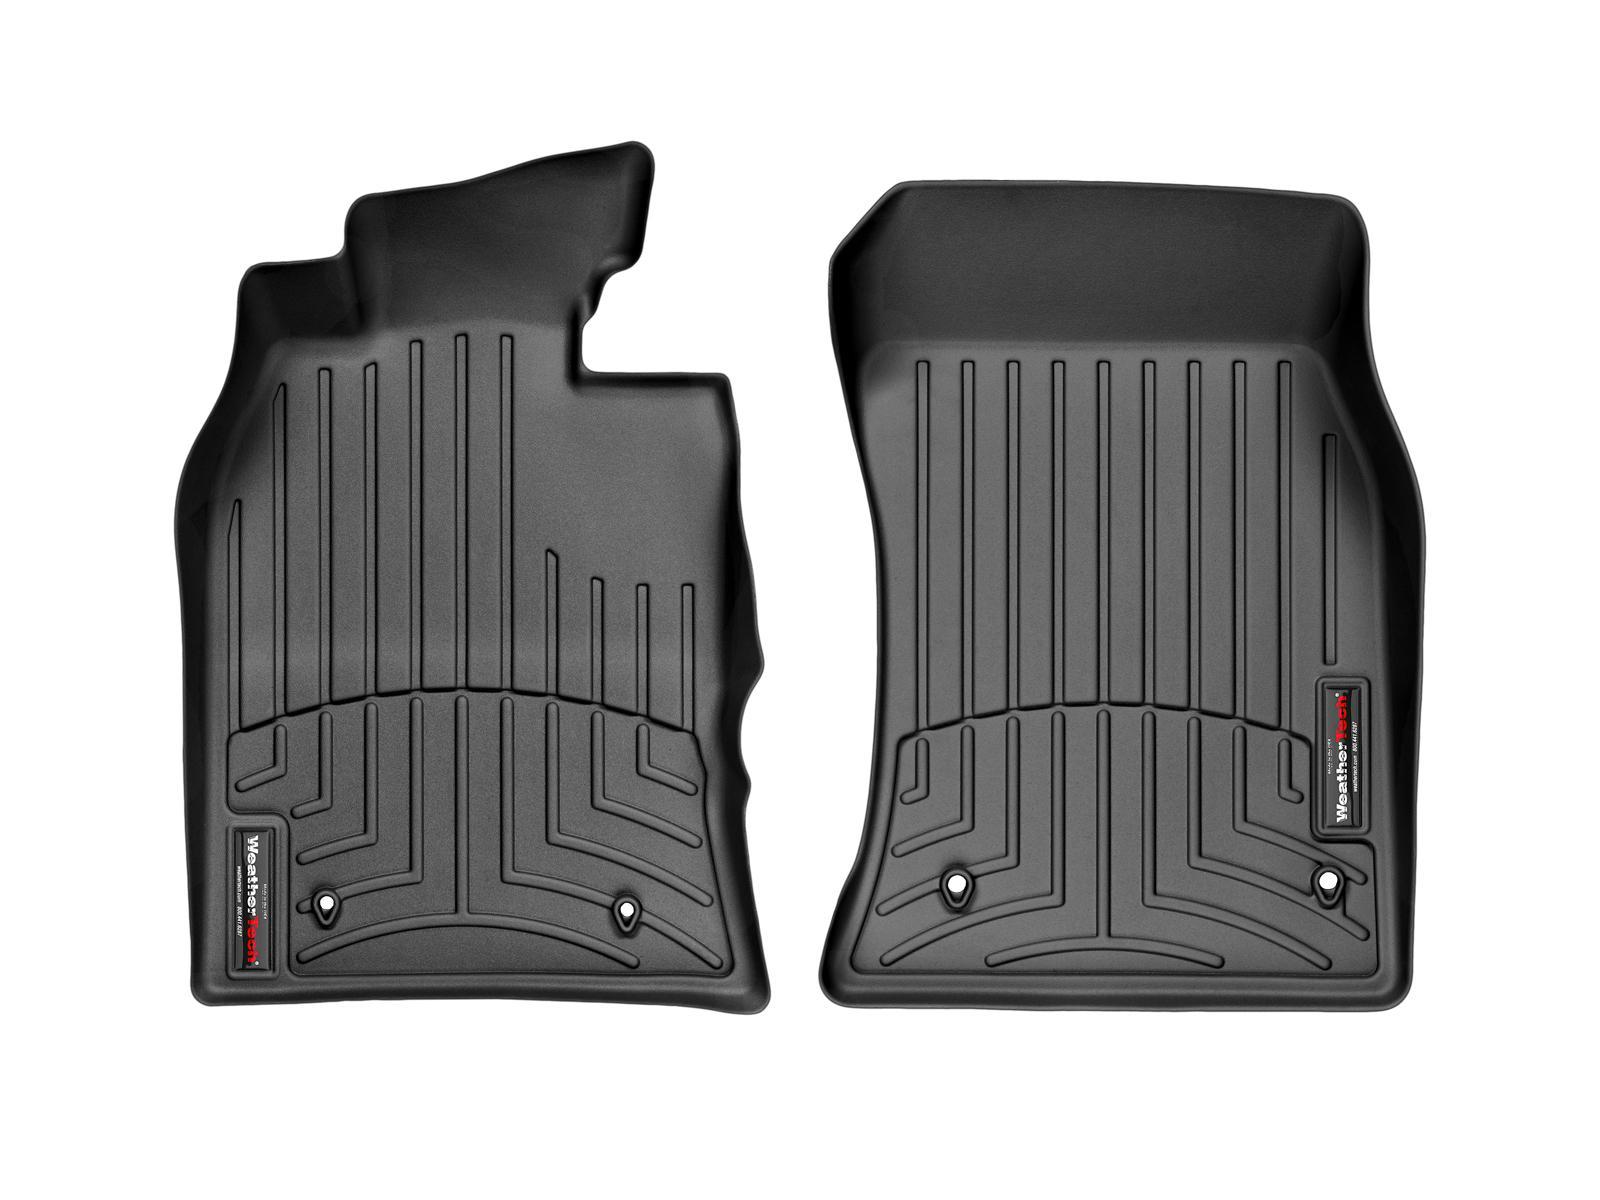 Tappeti gomma su misura bordo alto MINI Cooper / Cooper S 02>06 Nero A2666*